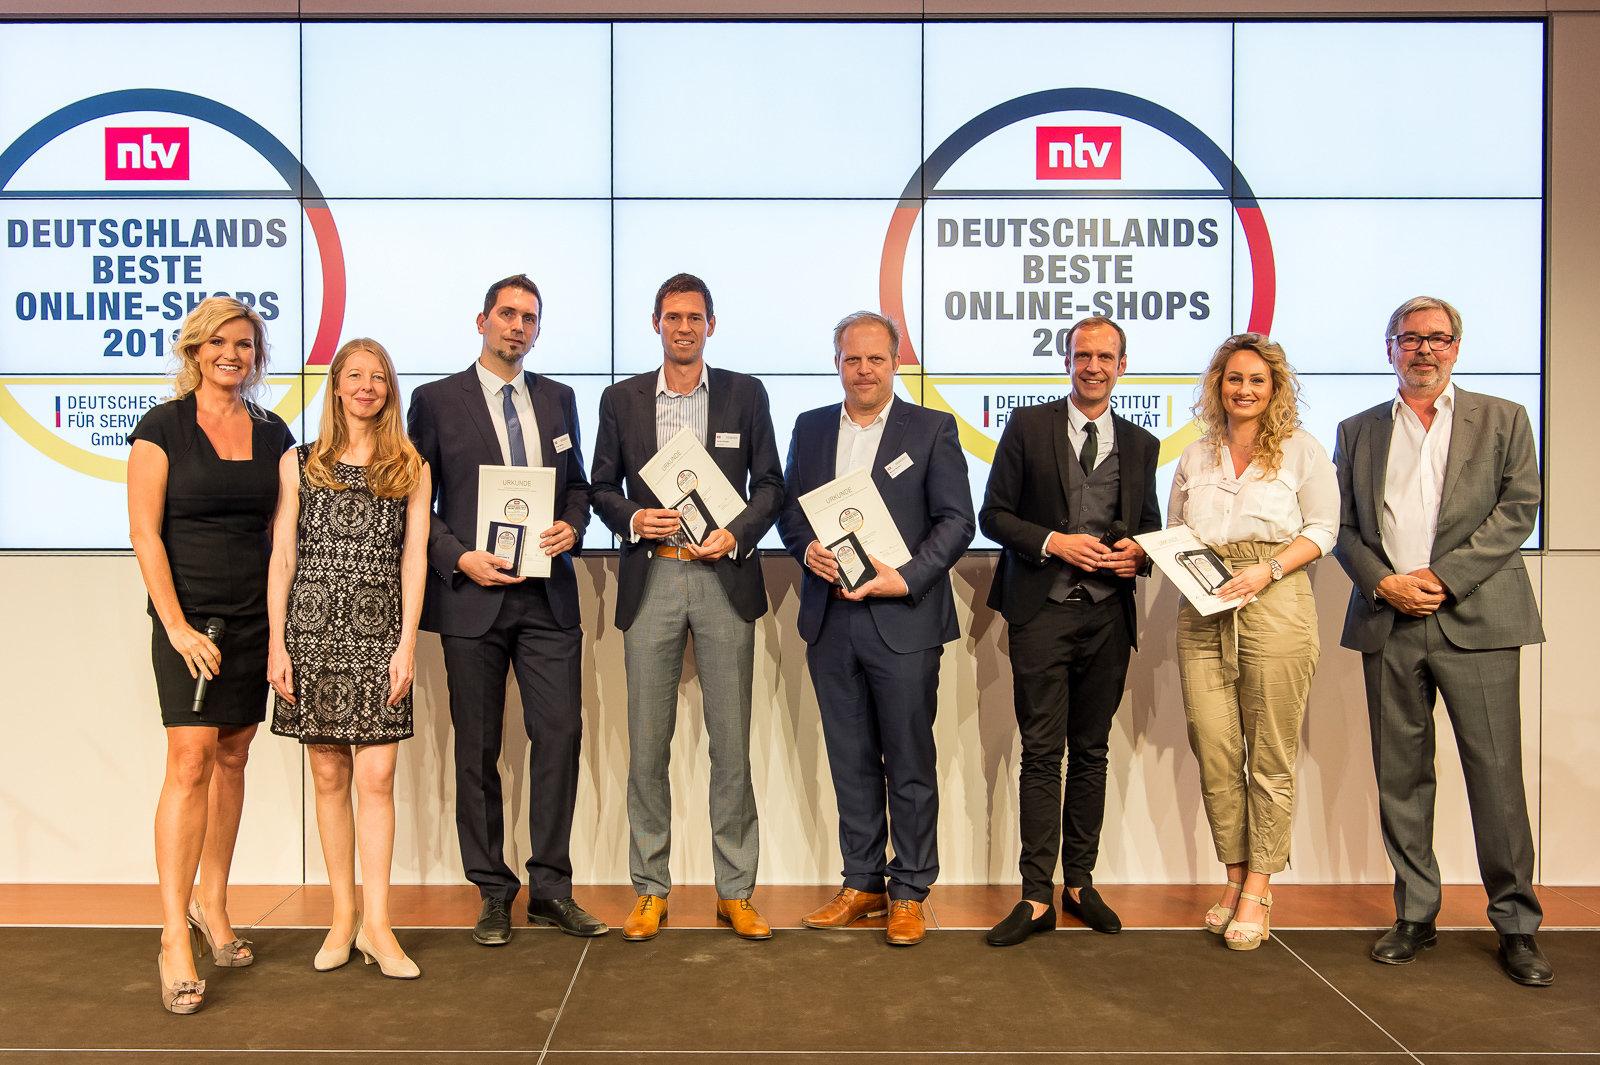 Kunden haben gewählt: notebooksbilliger.de zählt erneut zu den 3 besten Online-Shops